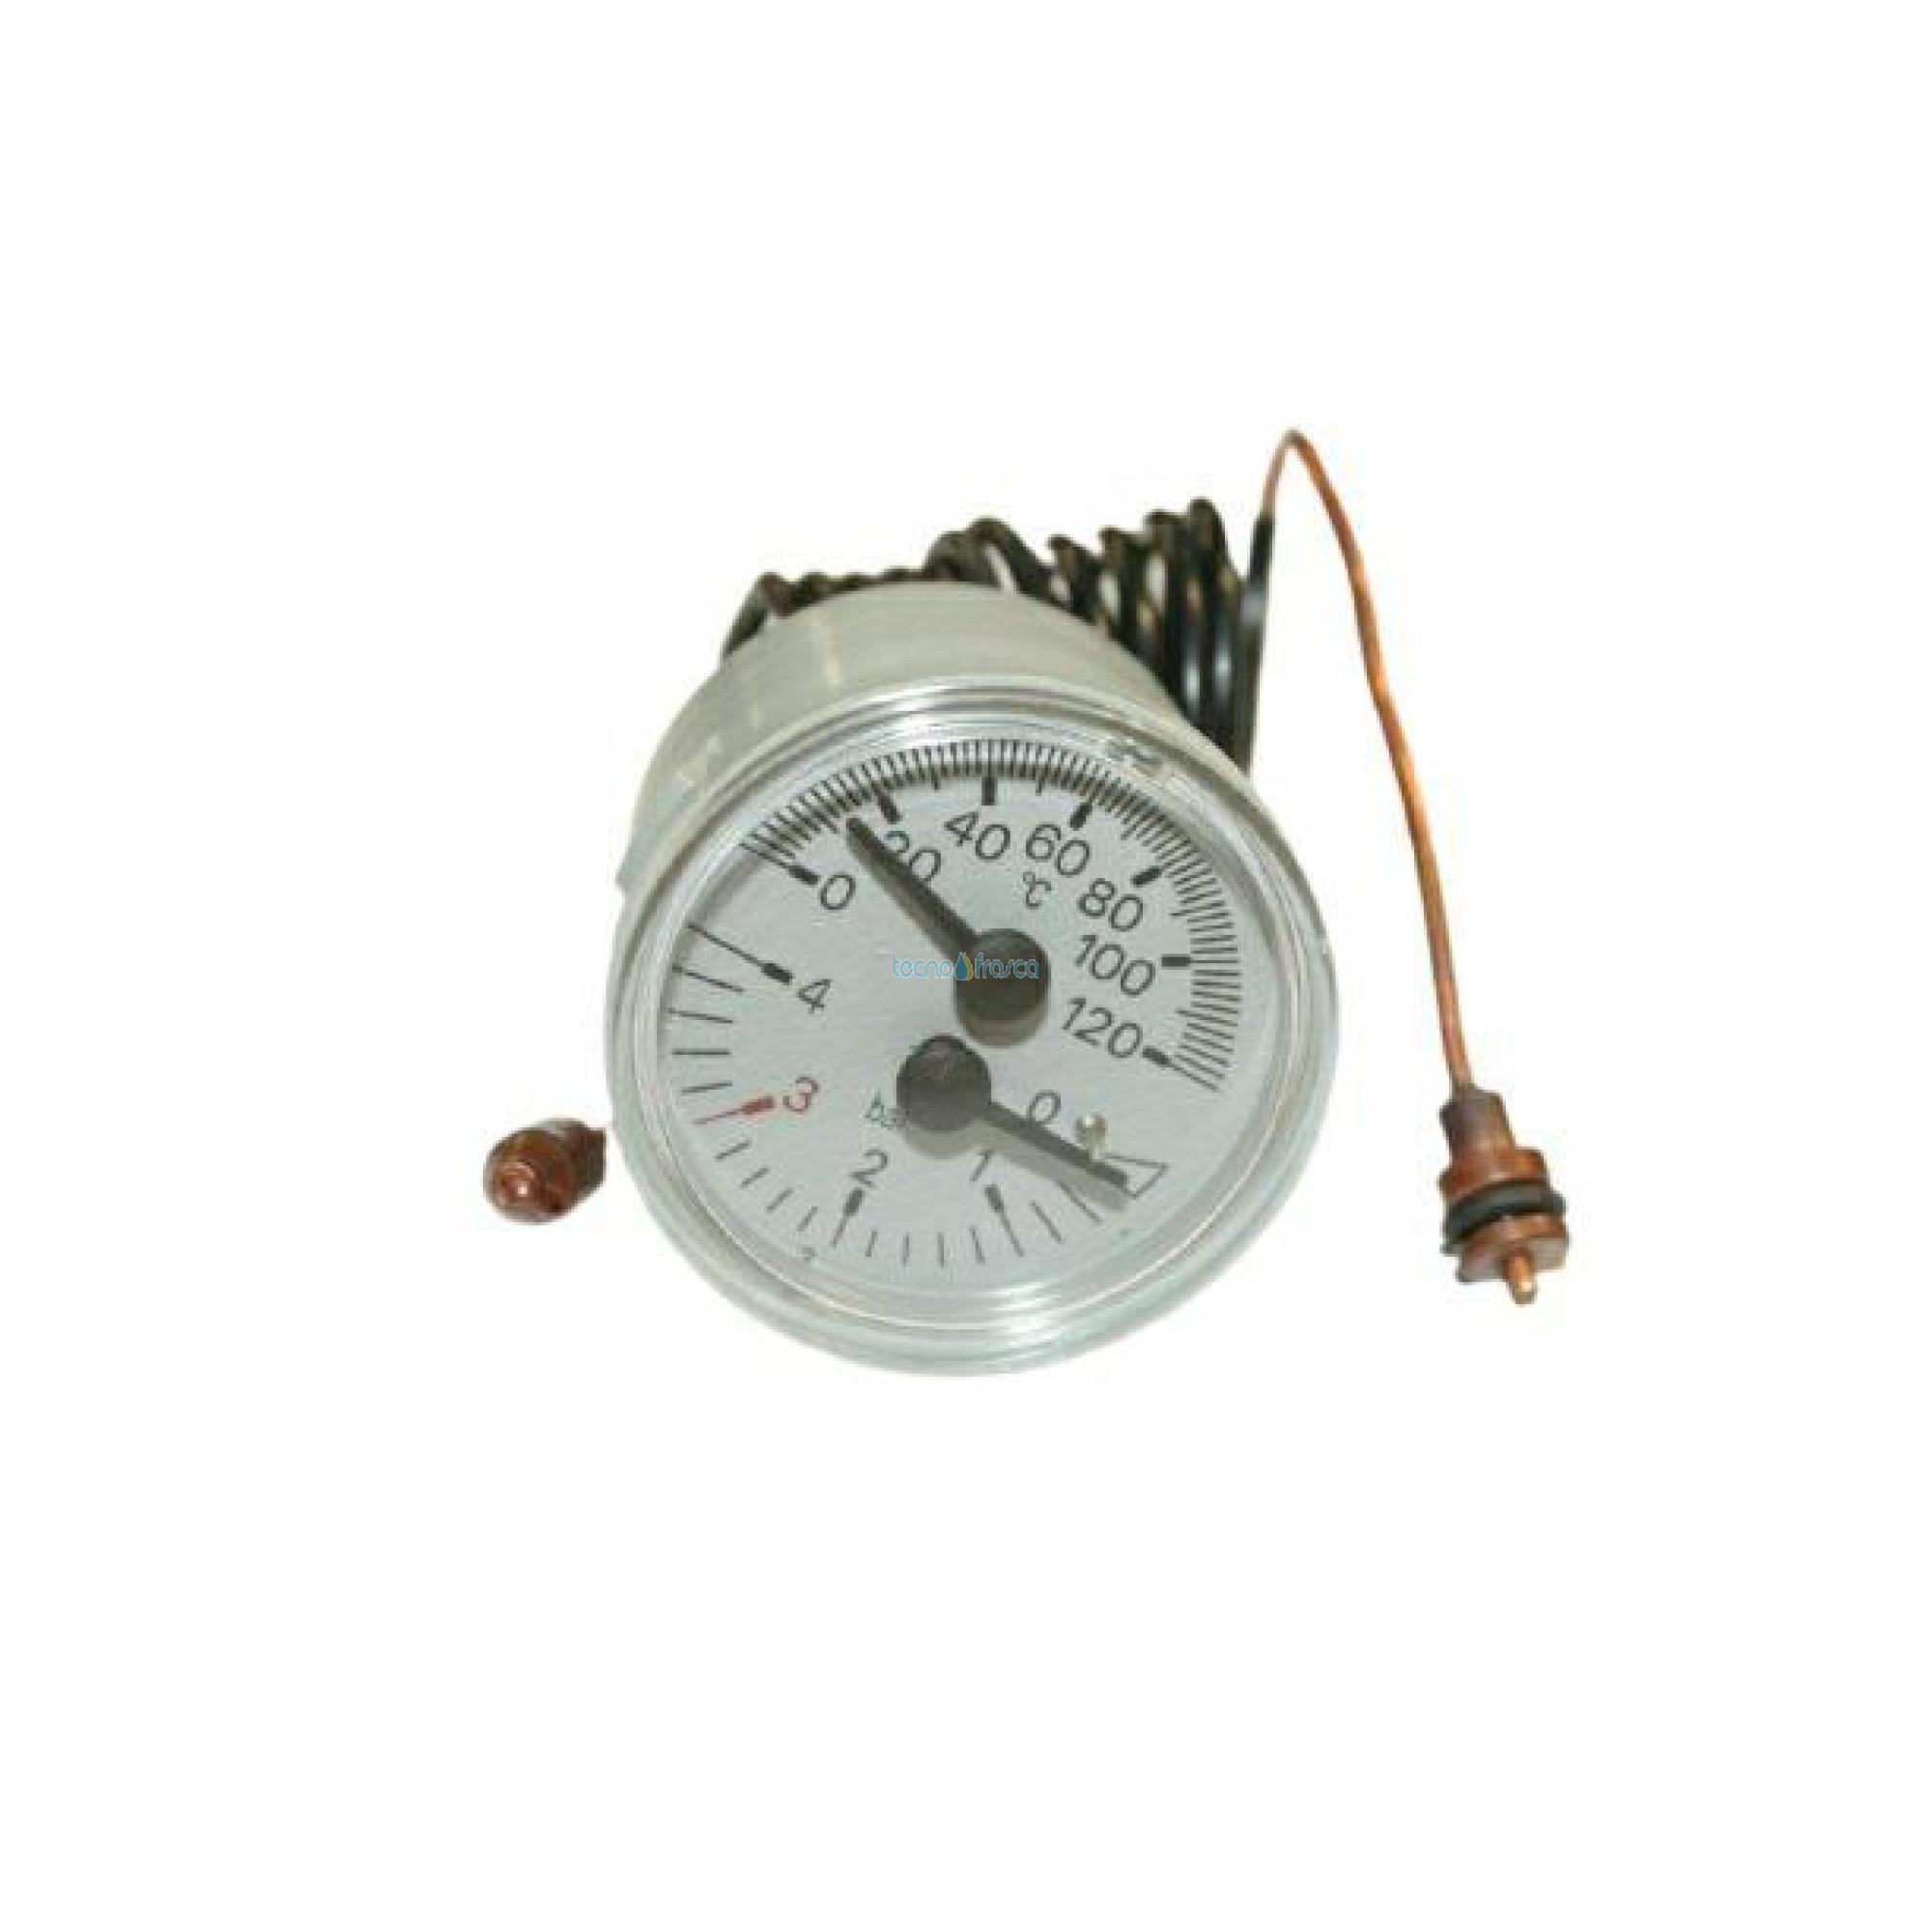 Riello termoidrometro d42 4365359